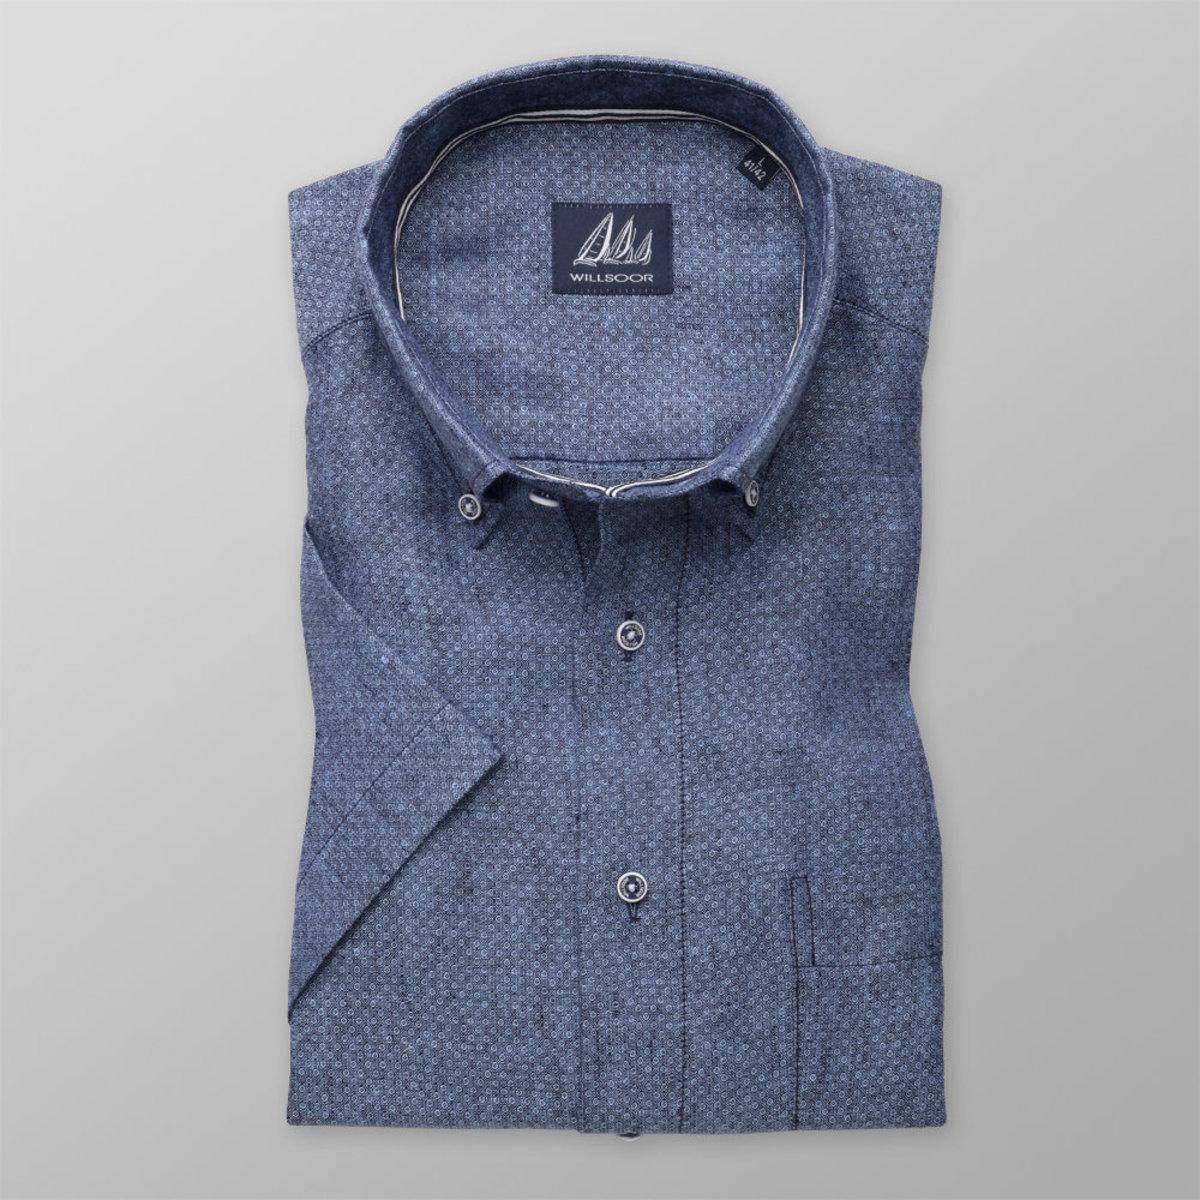 Košeľa London modrá s jemným vzorom (výška 176 - 182) 10873 176-182 / XXL (45/46)